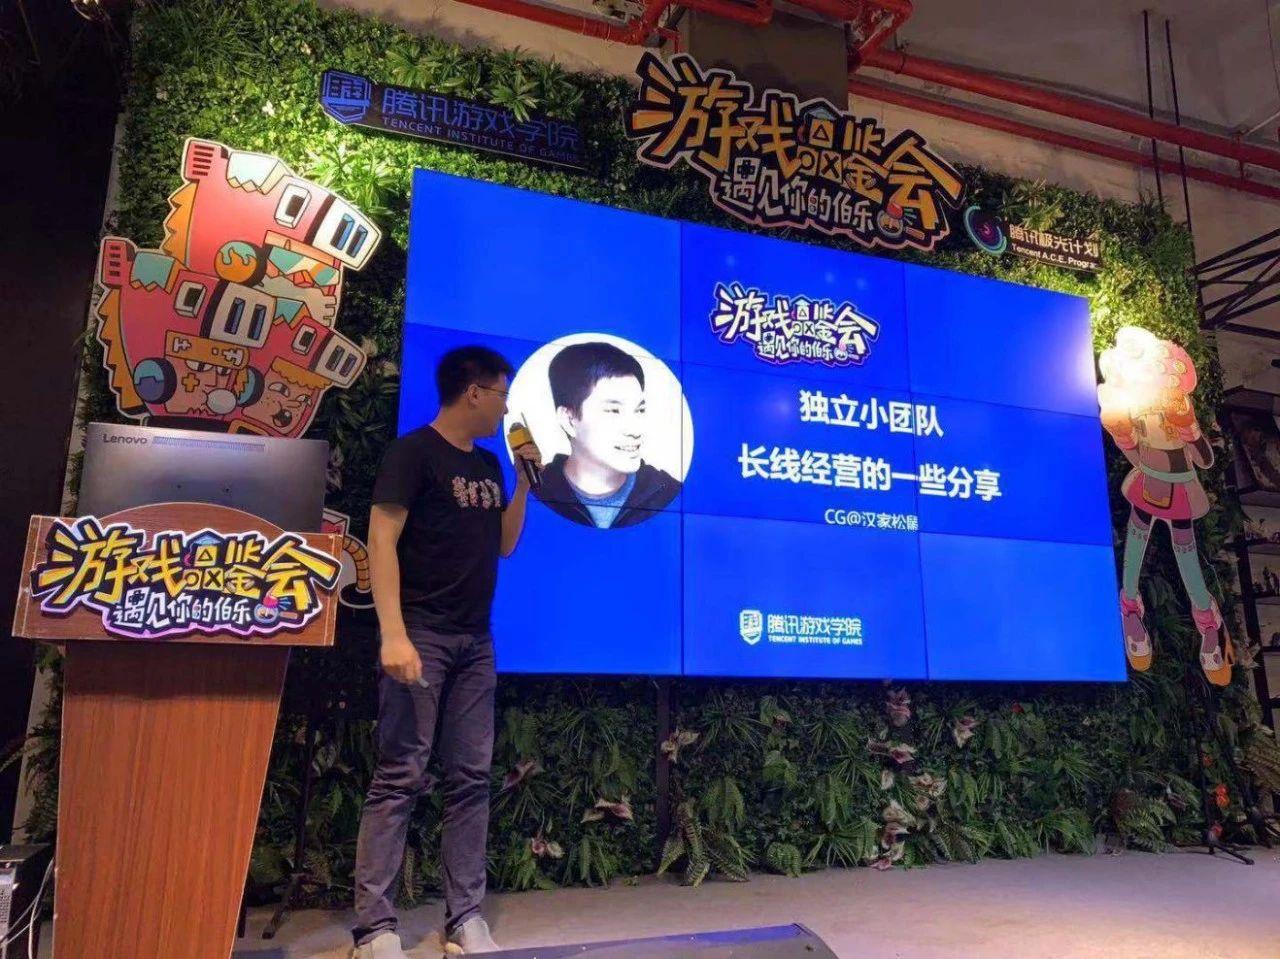 汉家松鼠CEO成功谈小团队长线运营的诀窍丨腾讯游戏学院品鉴会